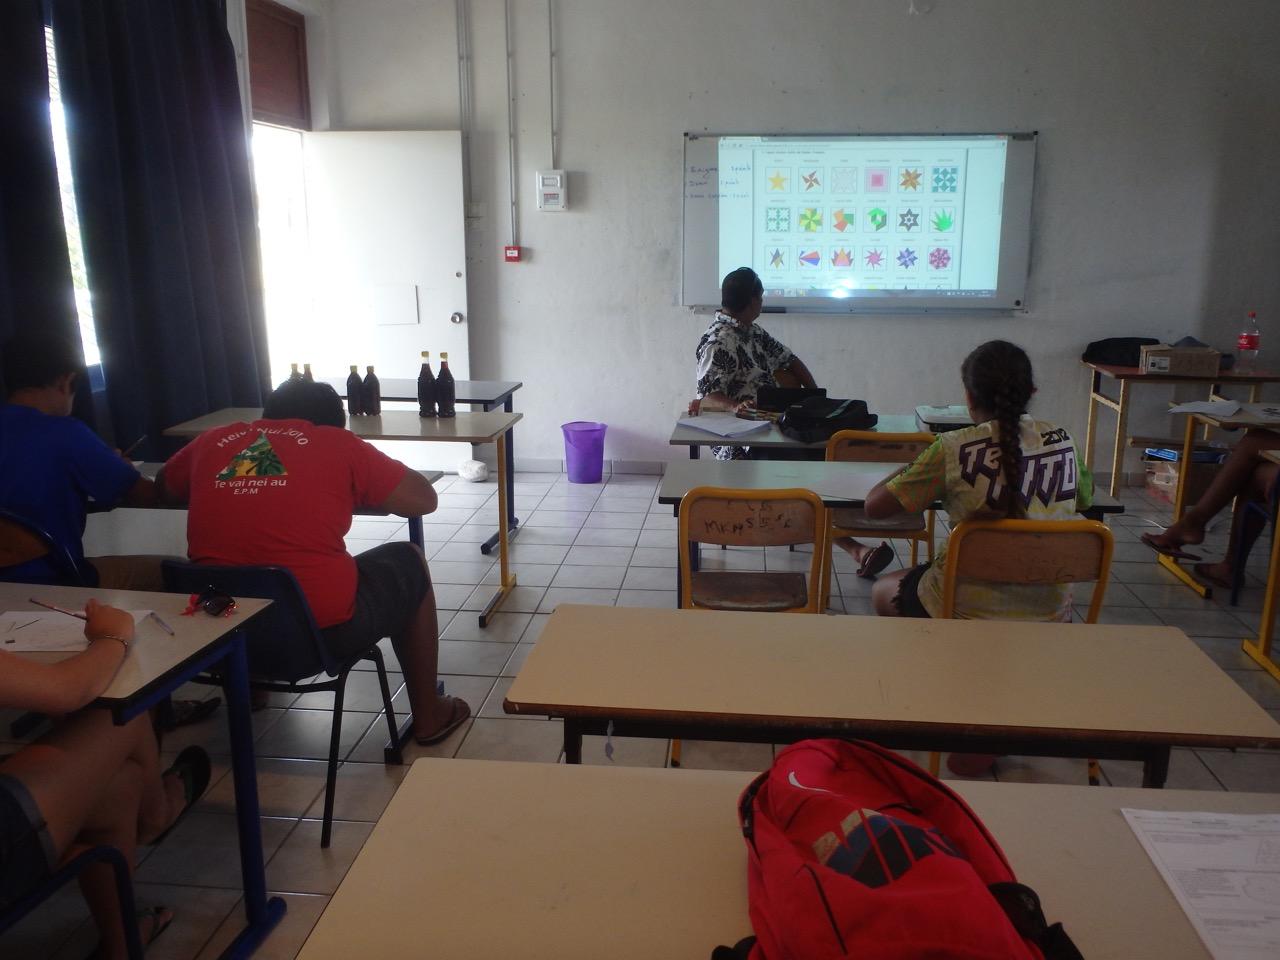 Puisqu'ils sont dans l'enceinte de l'école, des cours de maths leur étaient aussi proposés afin de les aider, là où ils ont plus de difficultés.